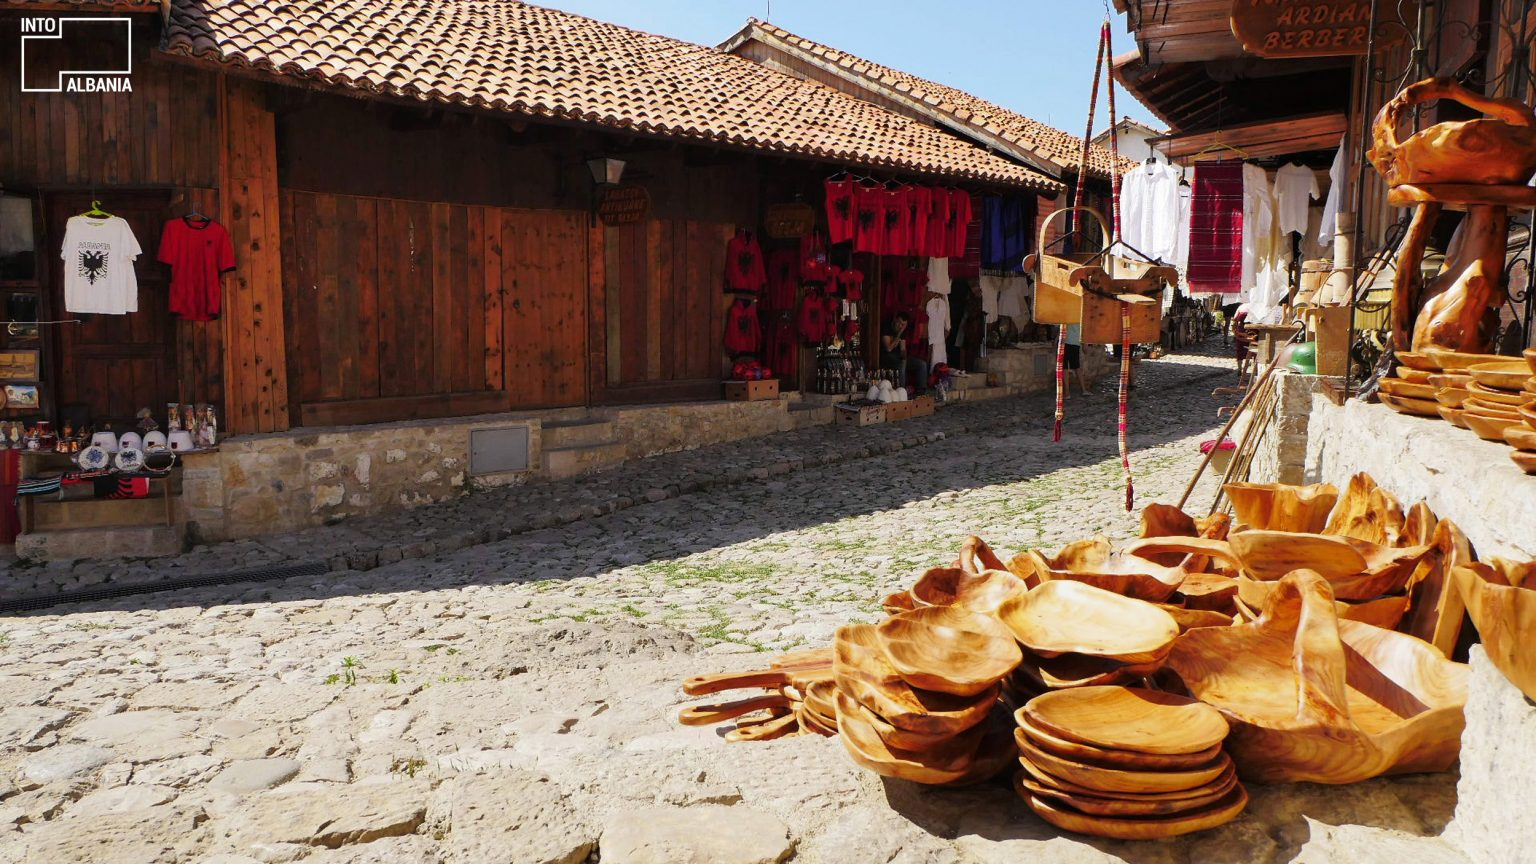 old bazaar albania